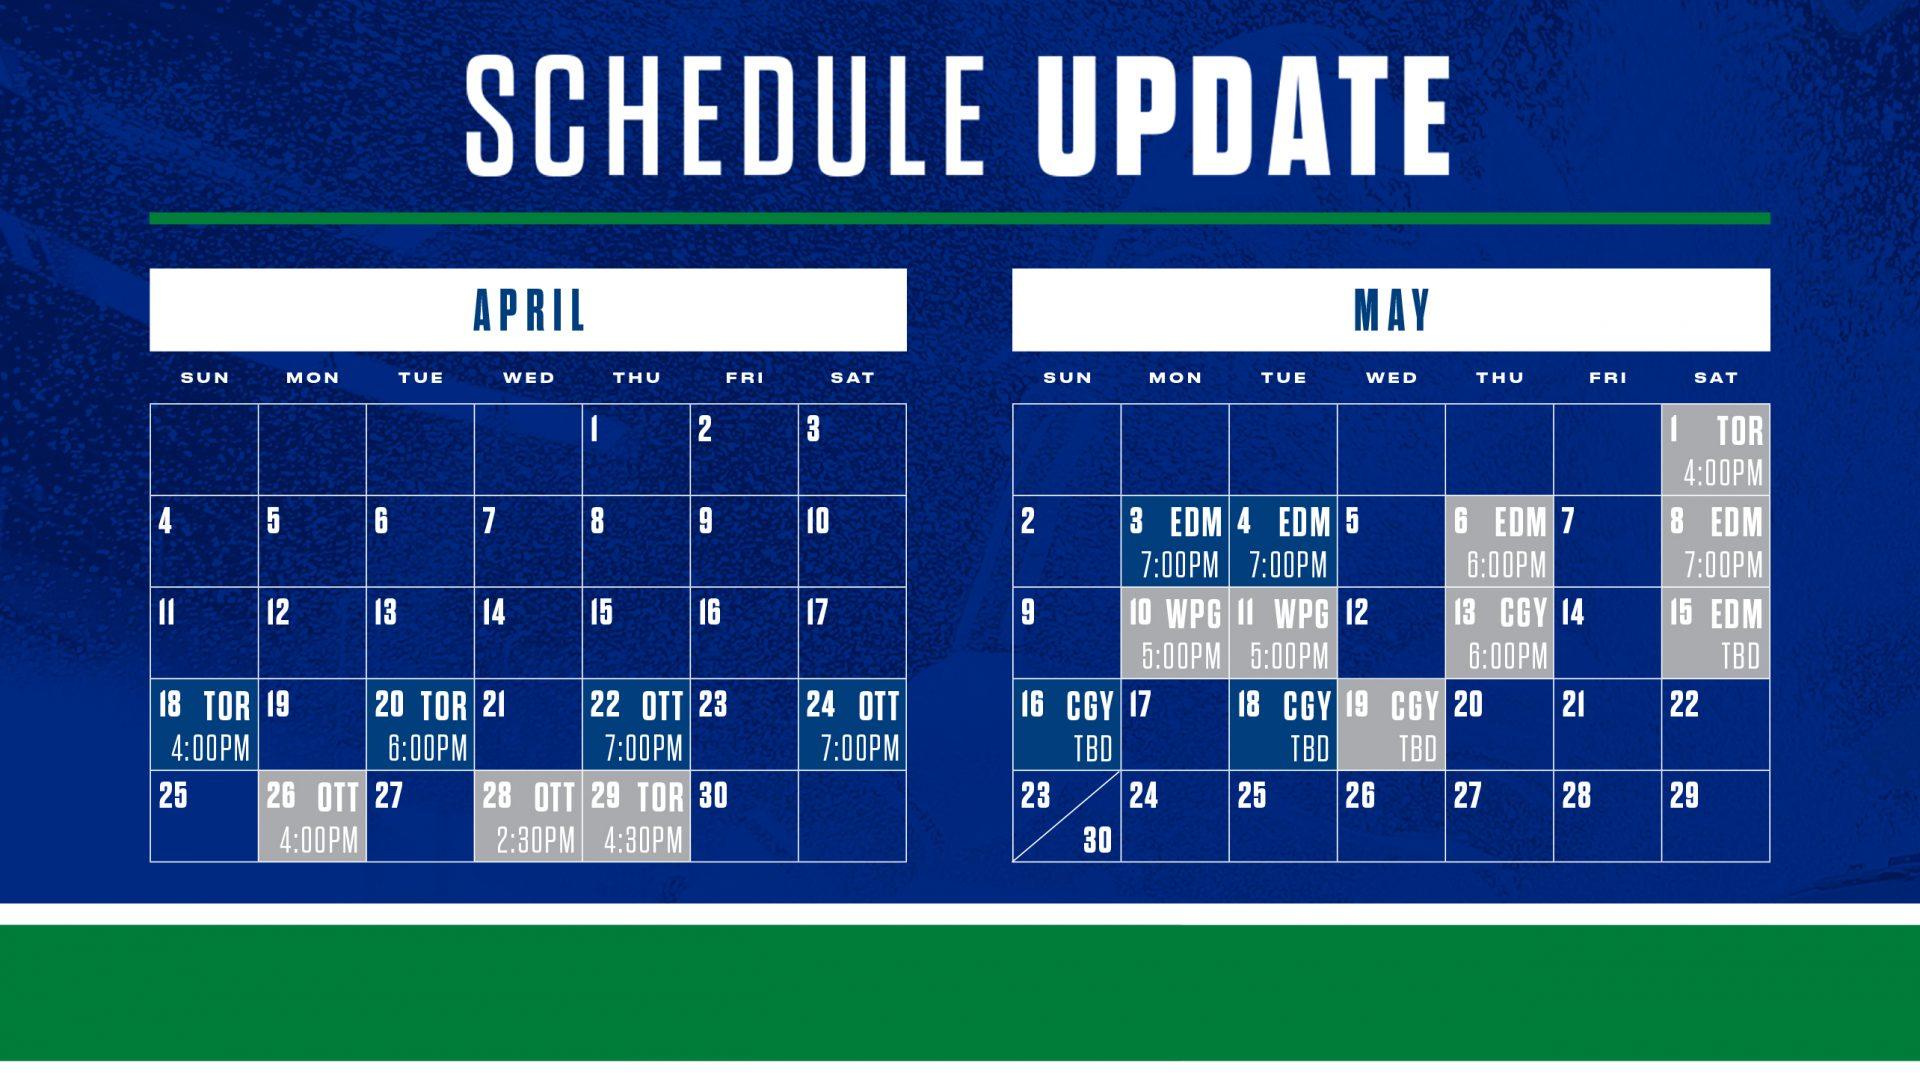 canucks schedule updated